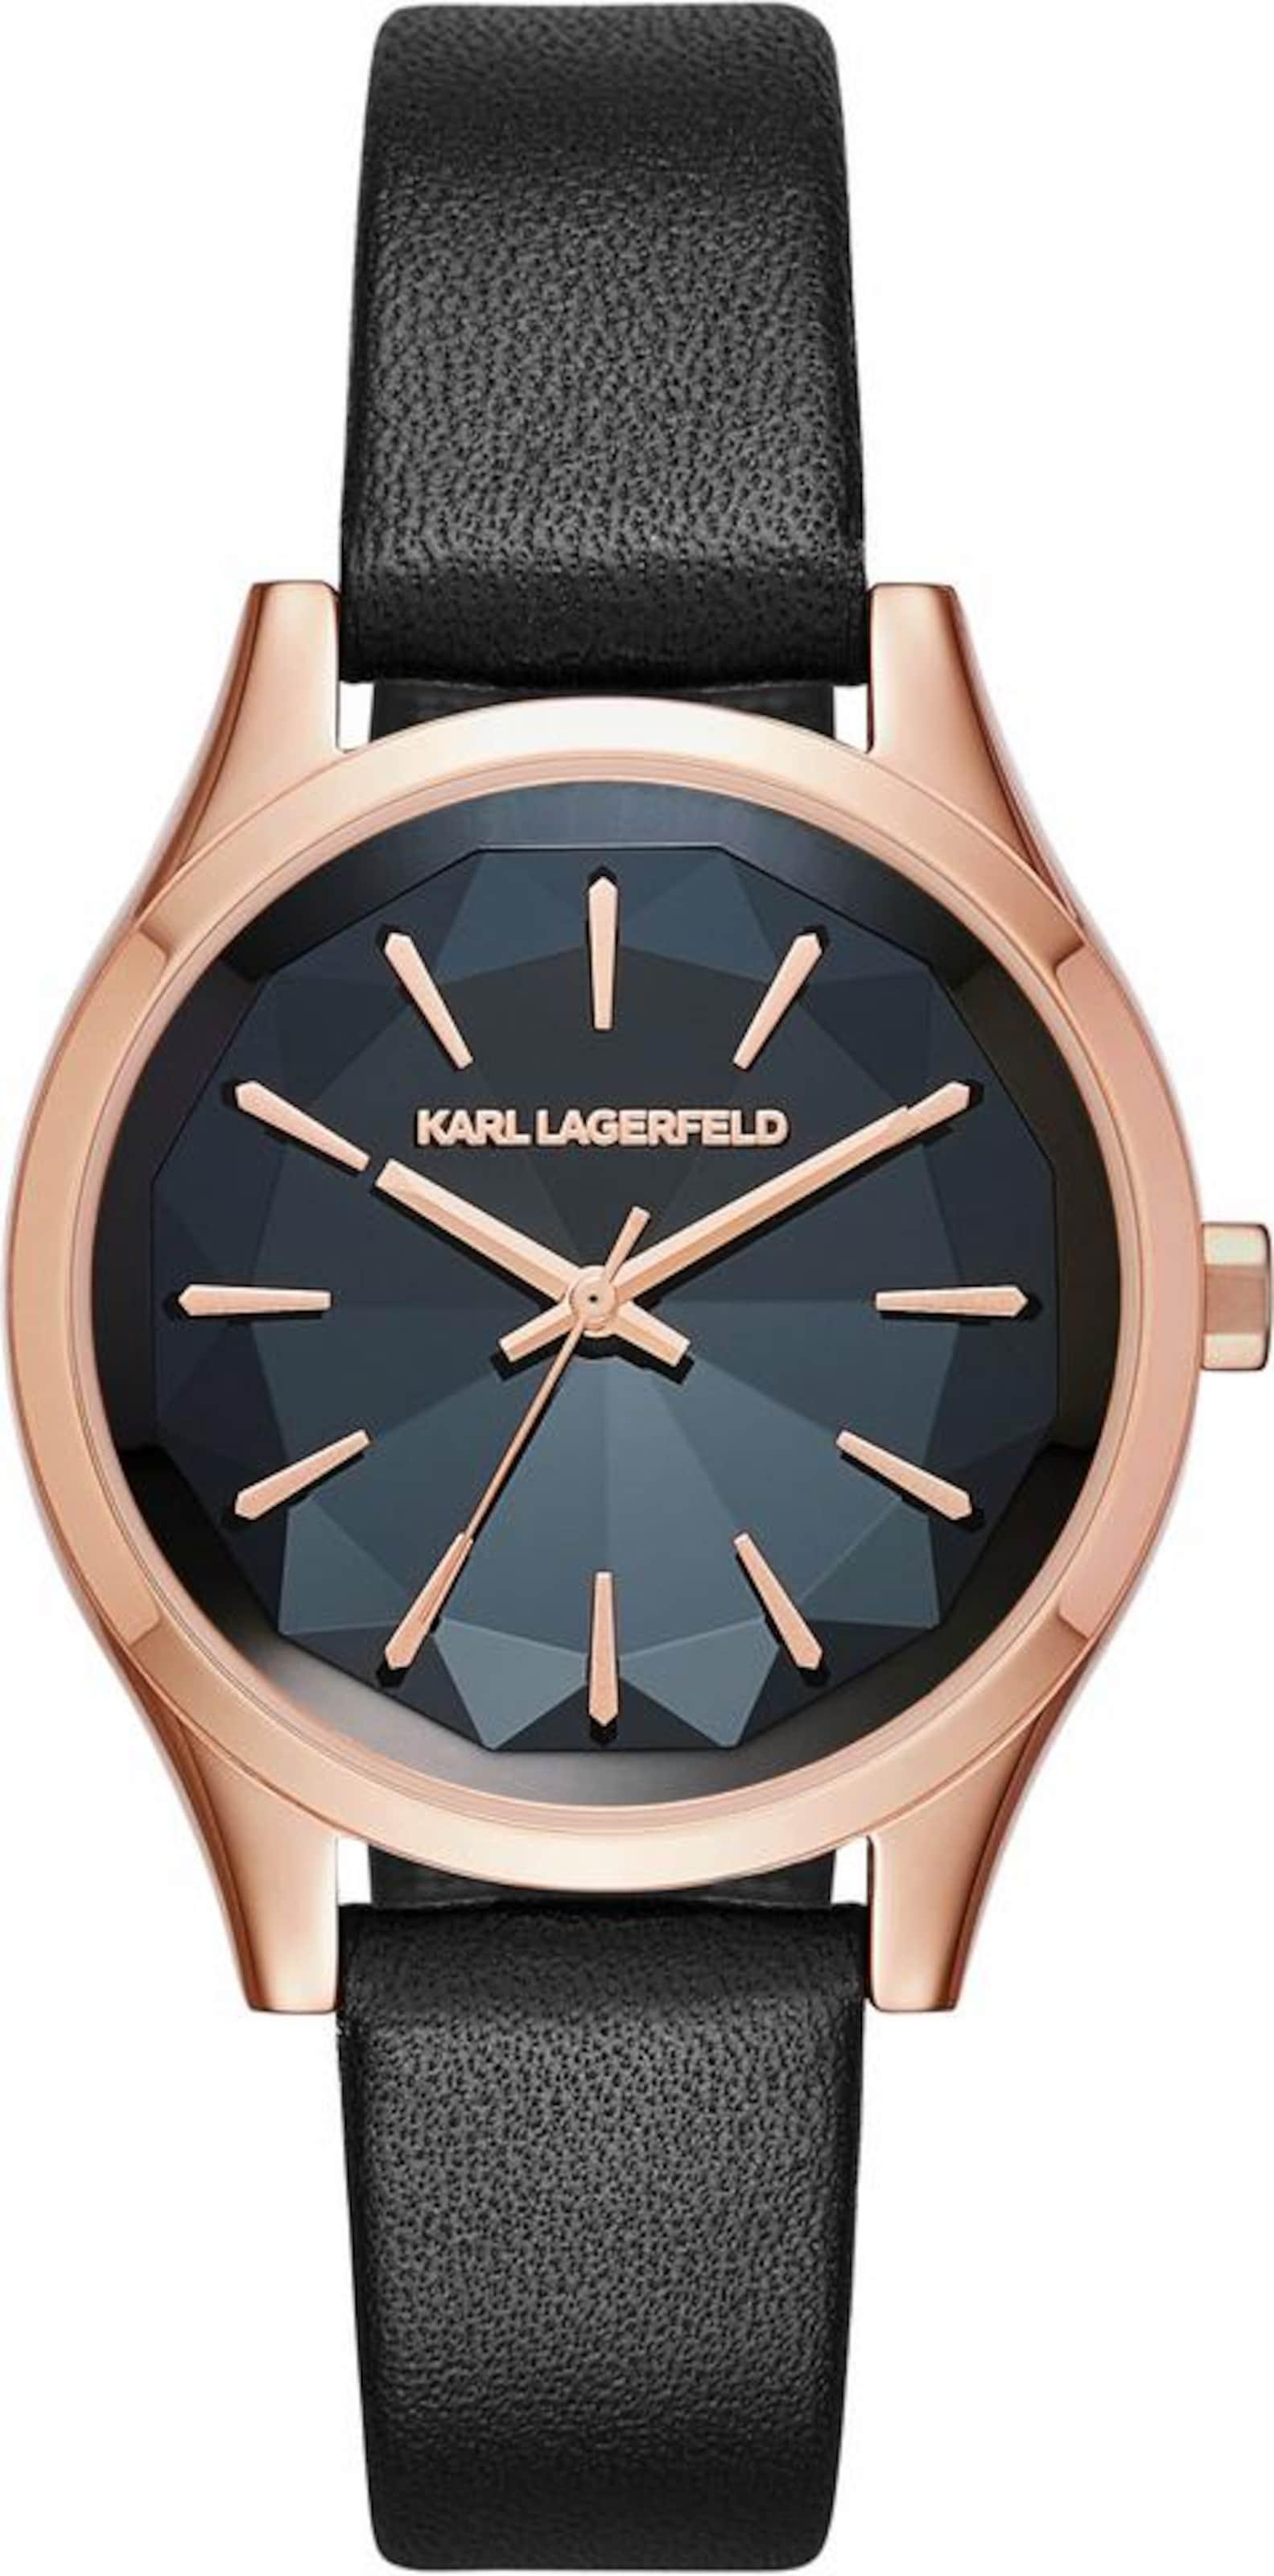 Karl Lagerfeld Quarzuhr 'JANELLE' Billig Authentisch Verkauf Neuesten Kollektionen Auf Heißen Verkauf Online Billigsten Beeile Dich cddcU